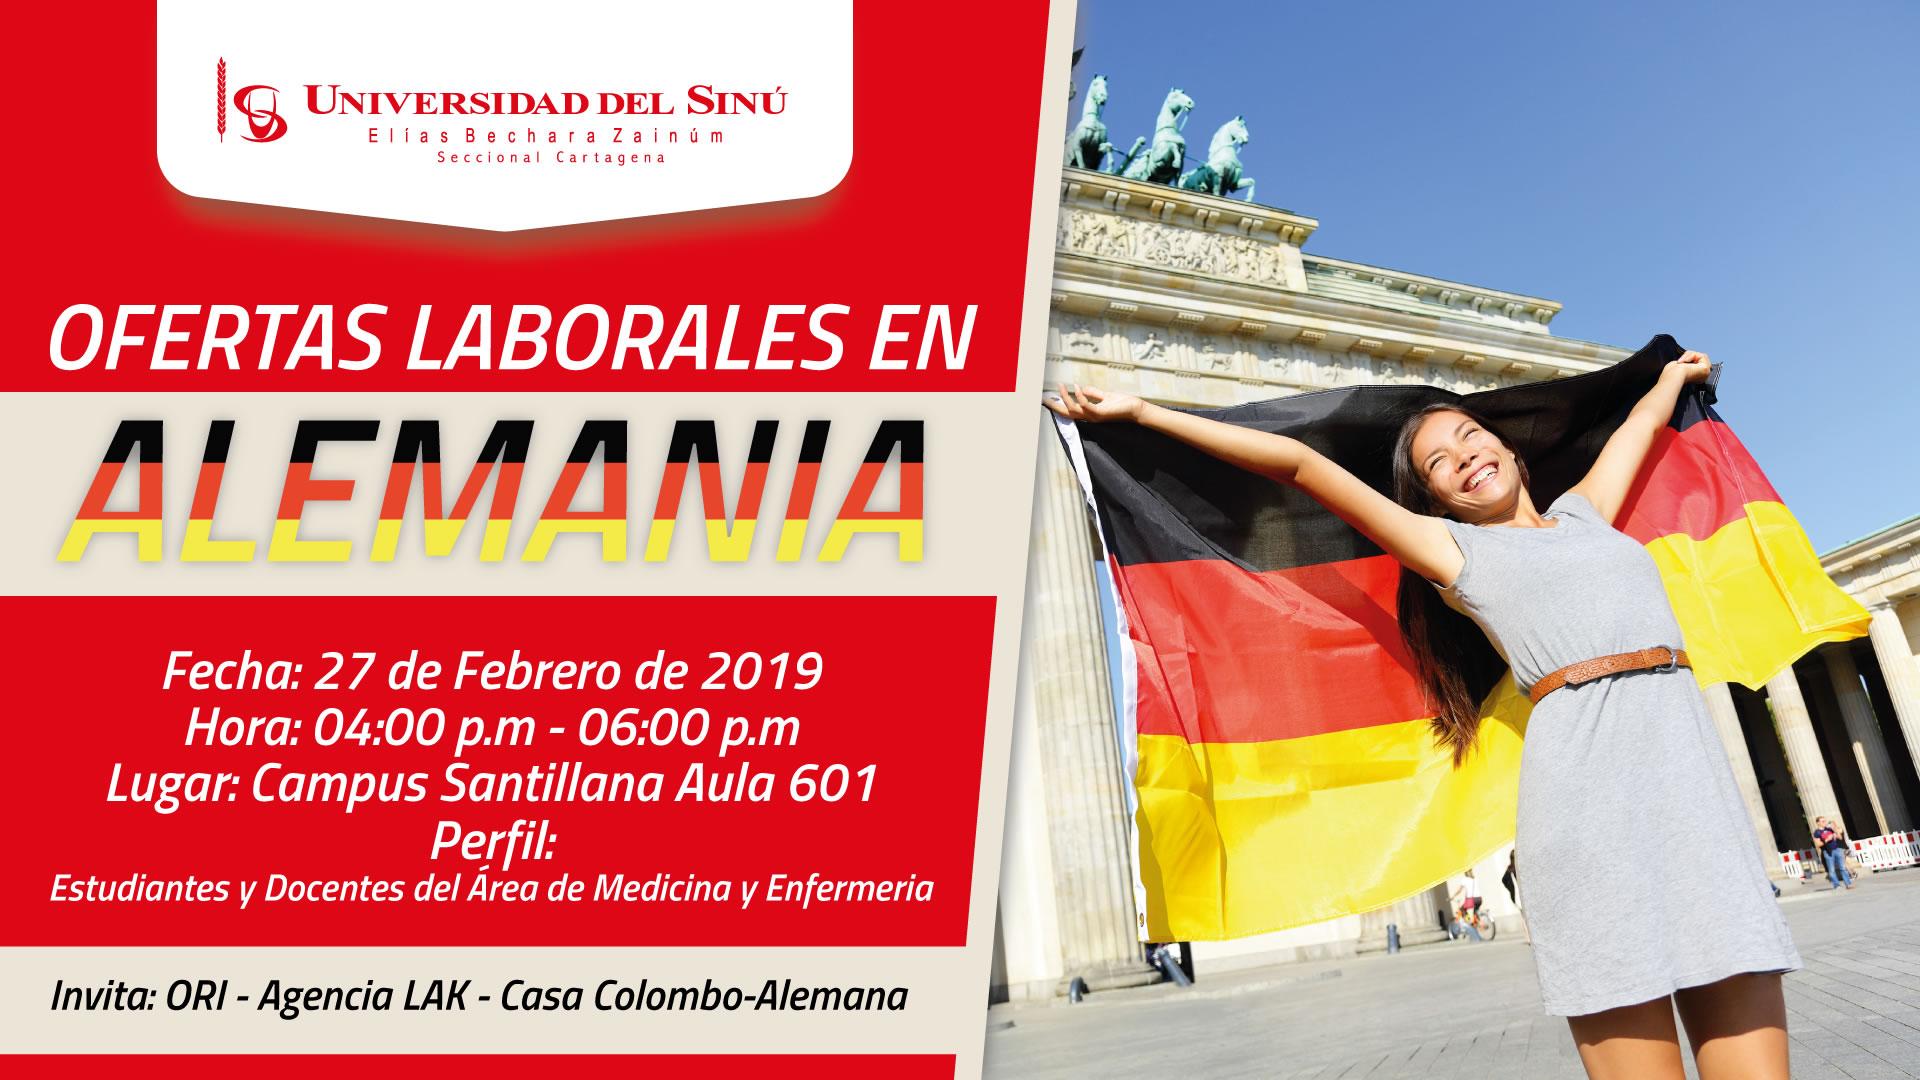 Ofertas-Laborales-en-Alemania-evento